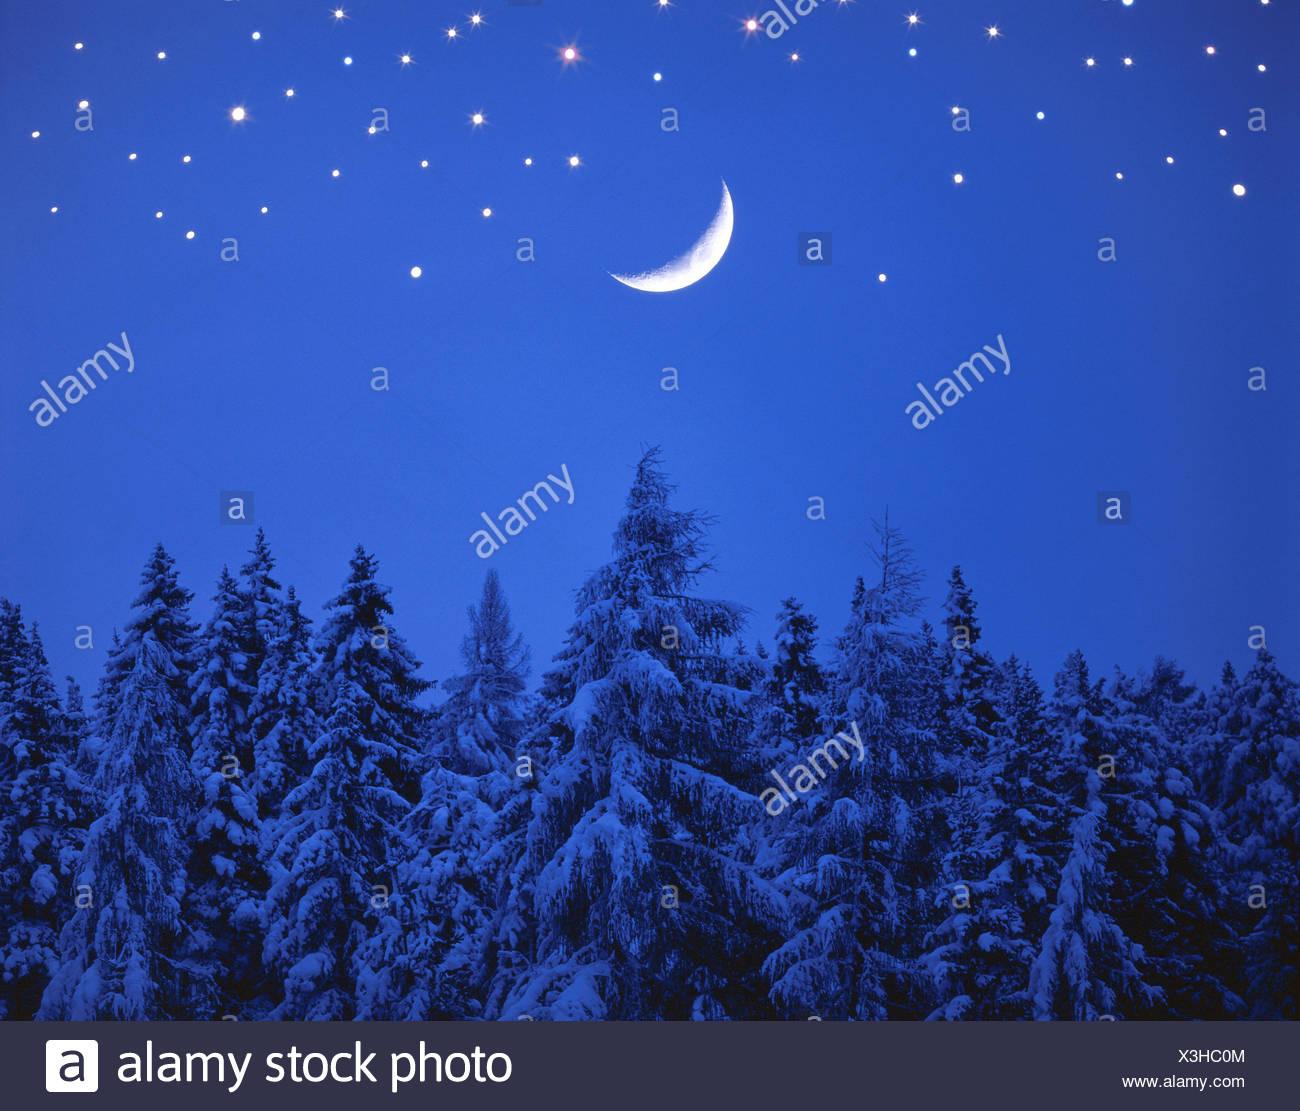 Wunderbar Mond Färbung Seite Fotos - Entry Level Resume Vorlagen ...